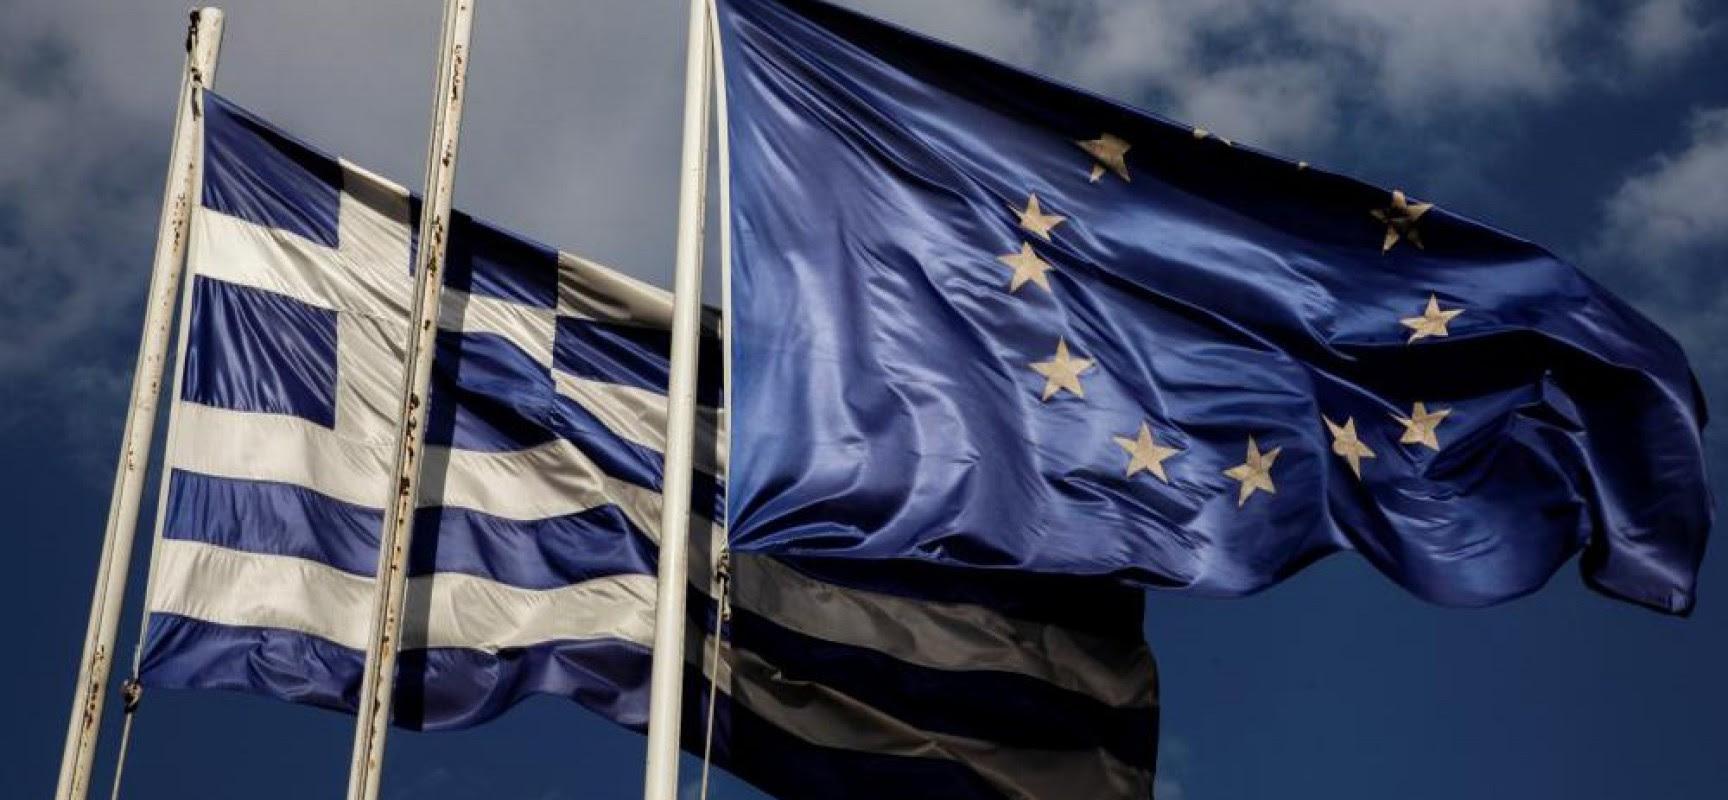 La crise grecque : Première « bataille » d'une « guerre » pour l'Europe